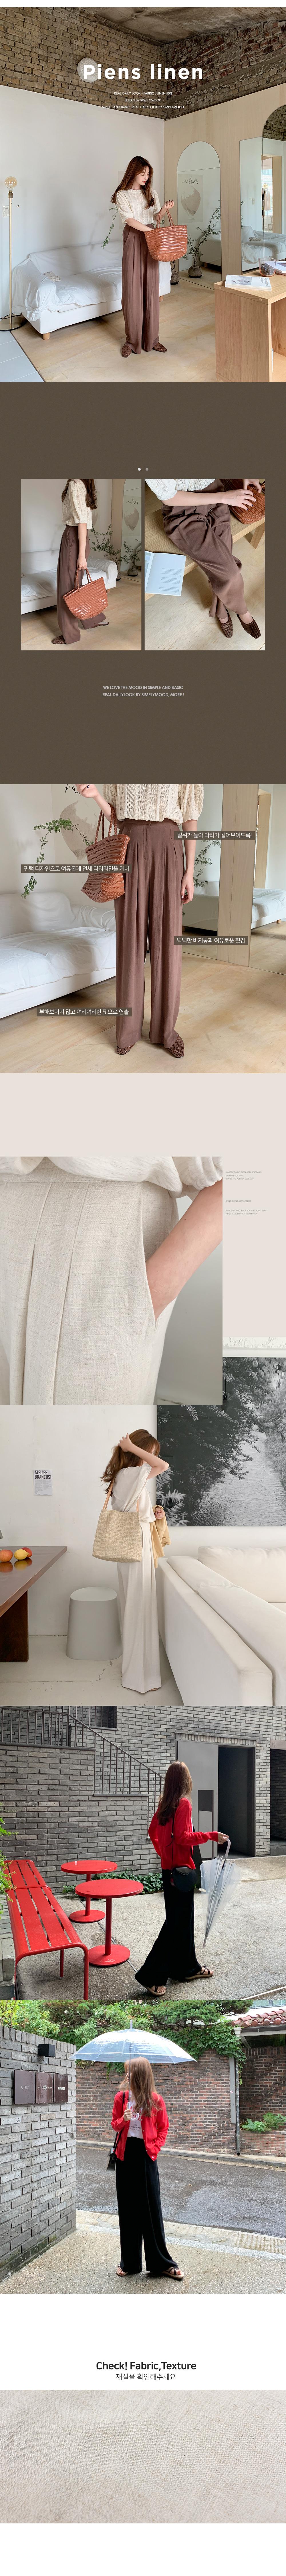 Piens pintuck linen pants